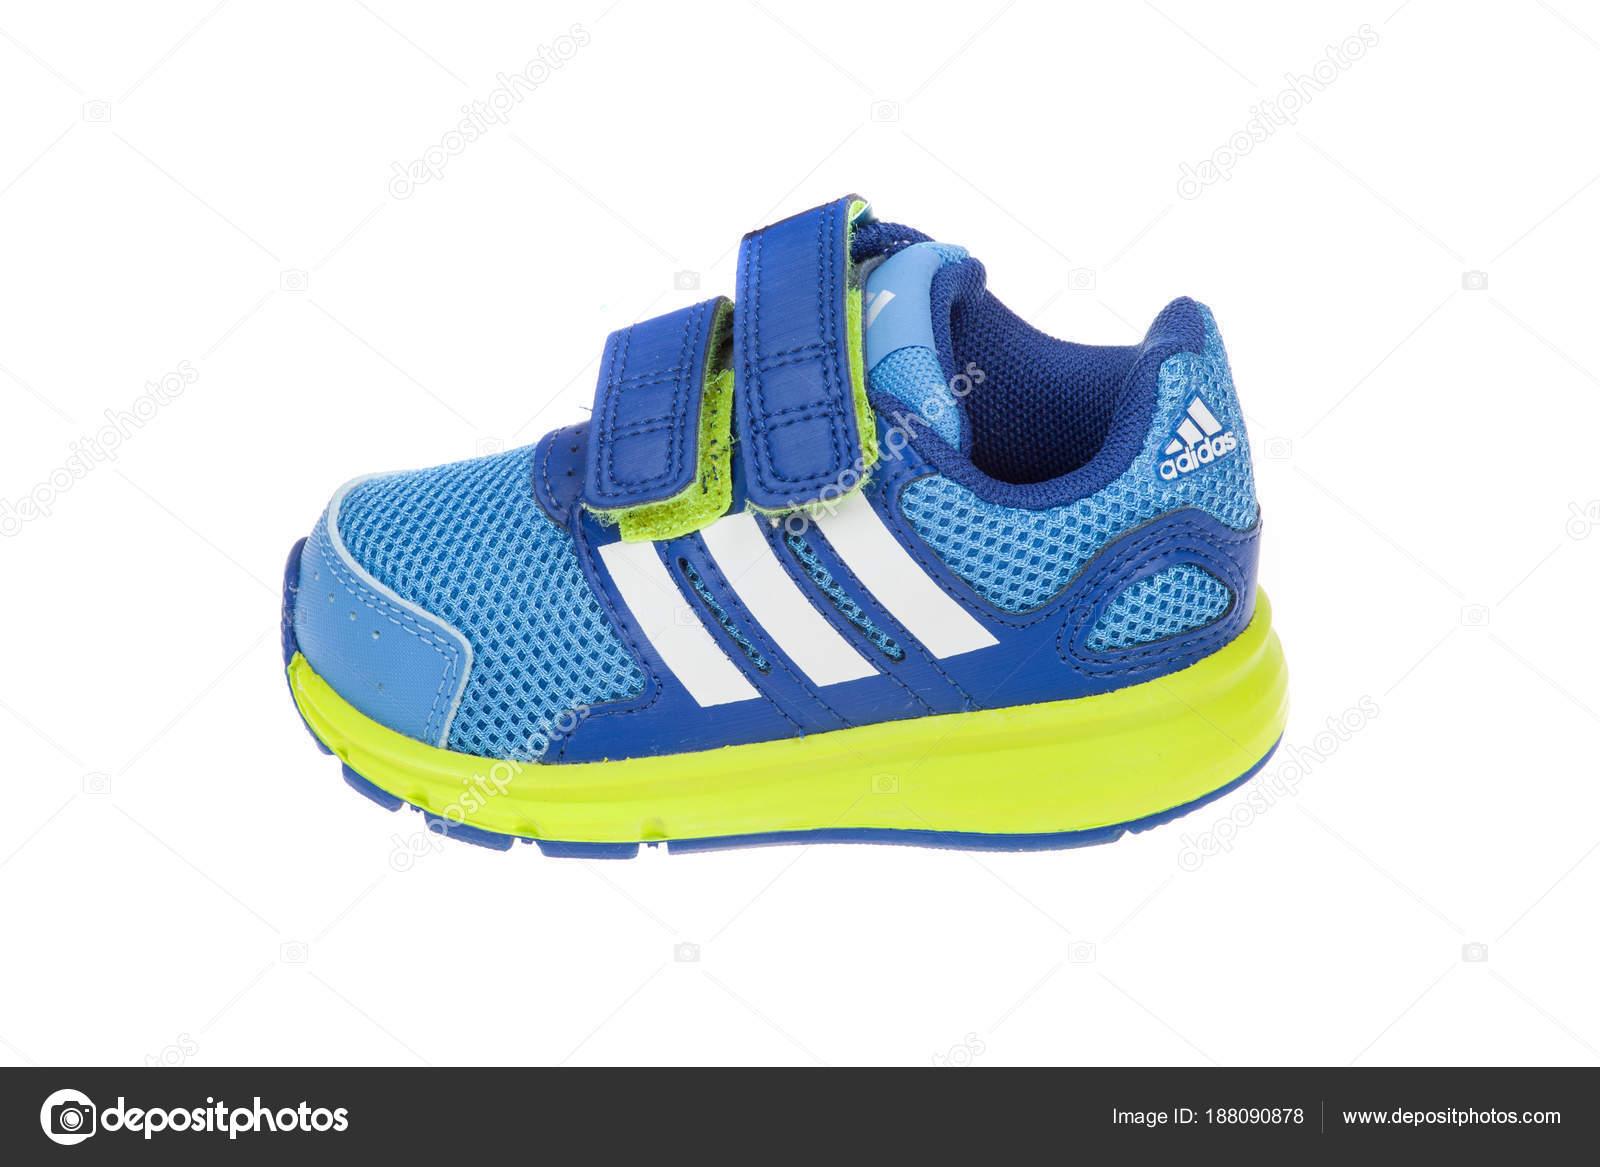 Febbraio BambiniIsolato Su VarnaBulgaria 3 2016Scarpa Adidas CrdtQshxB